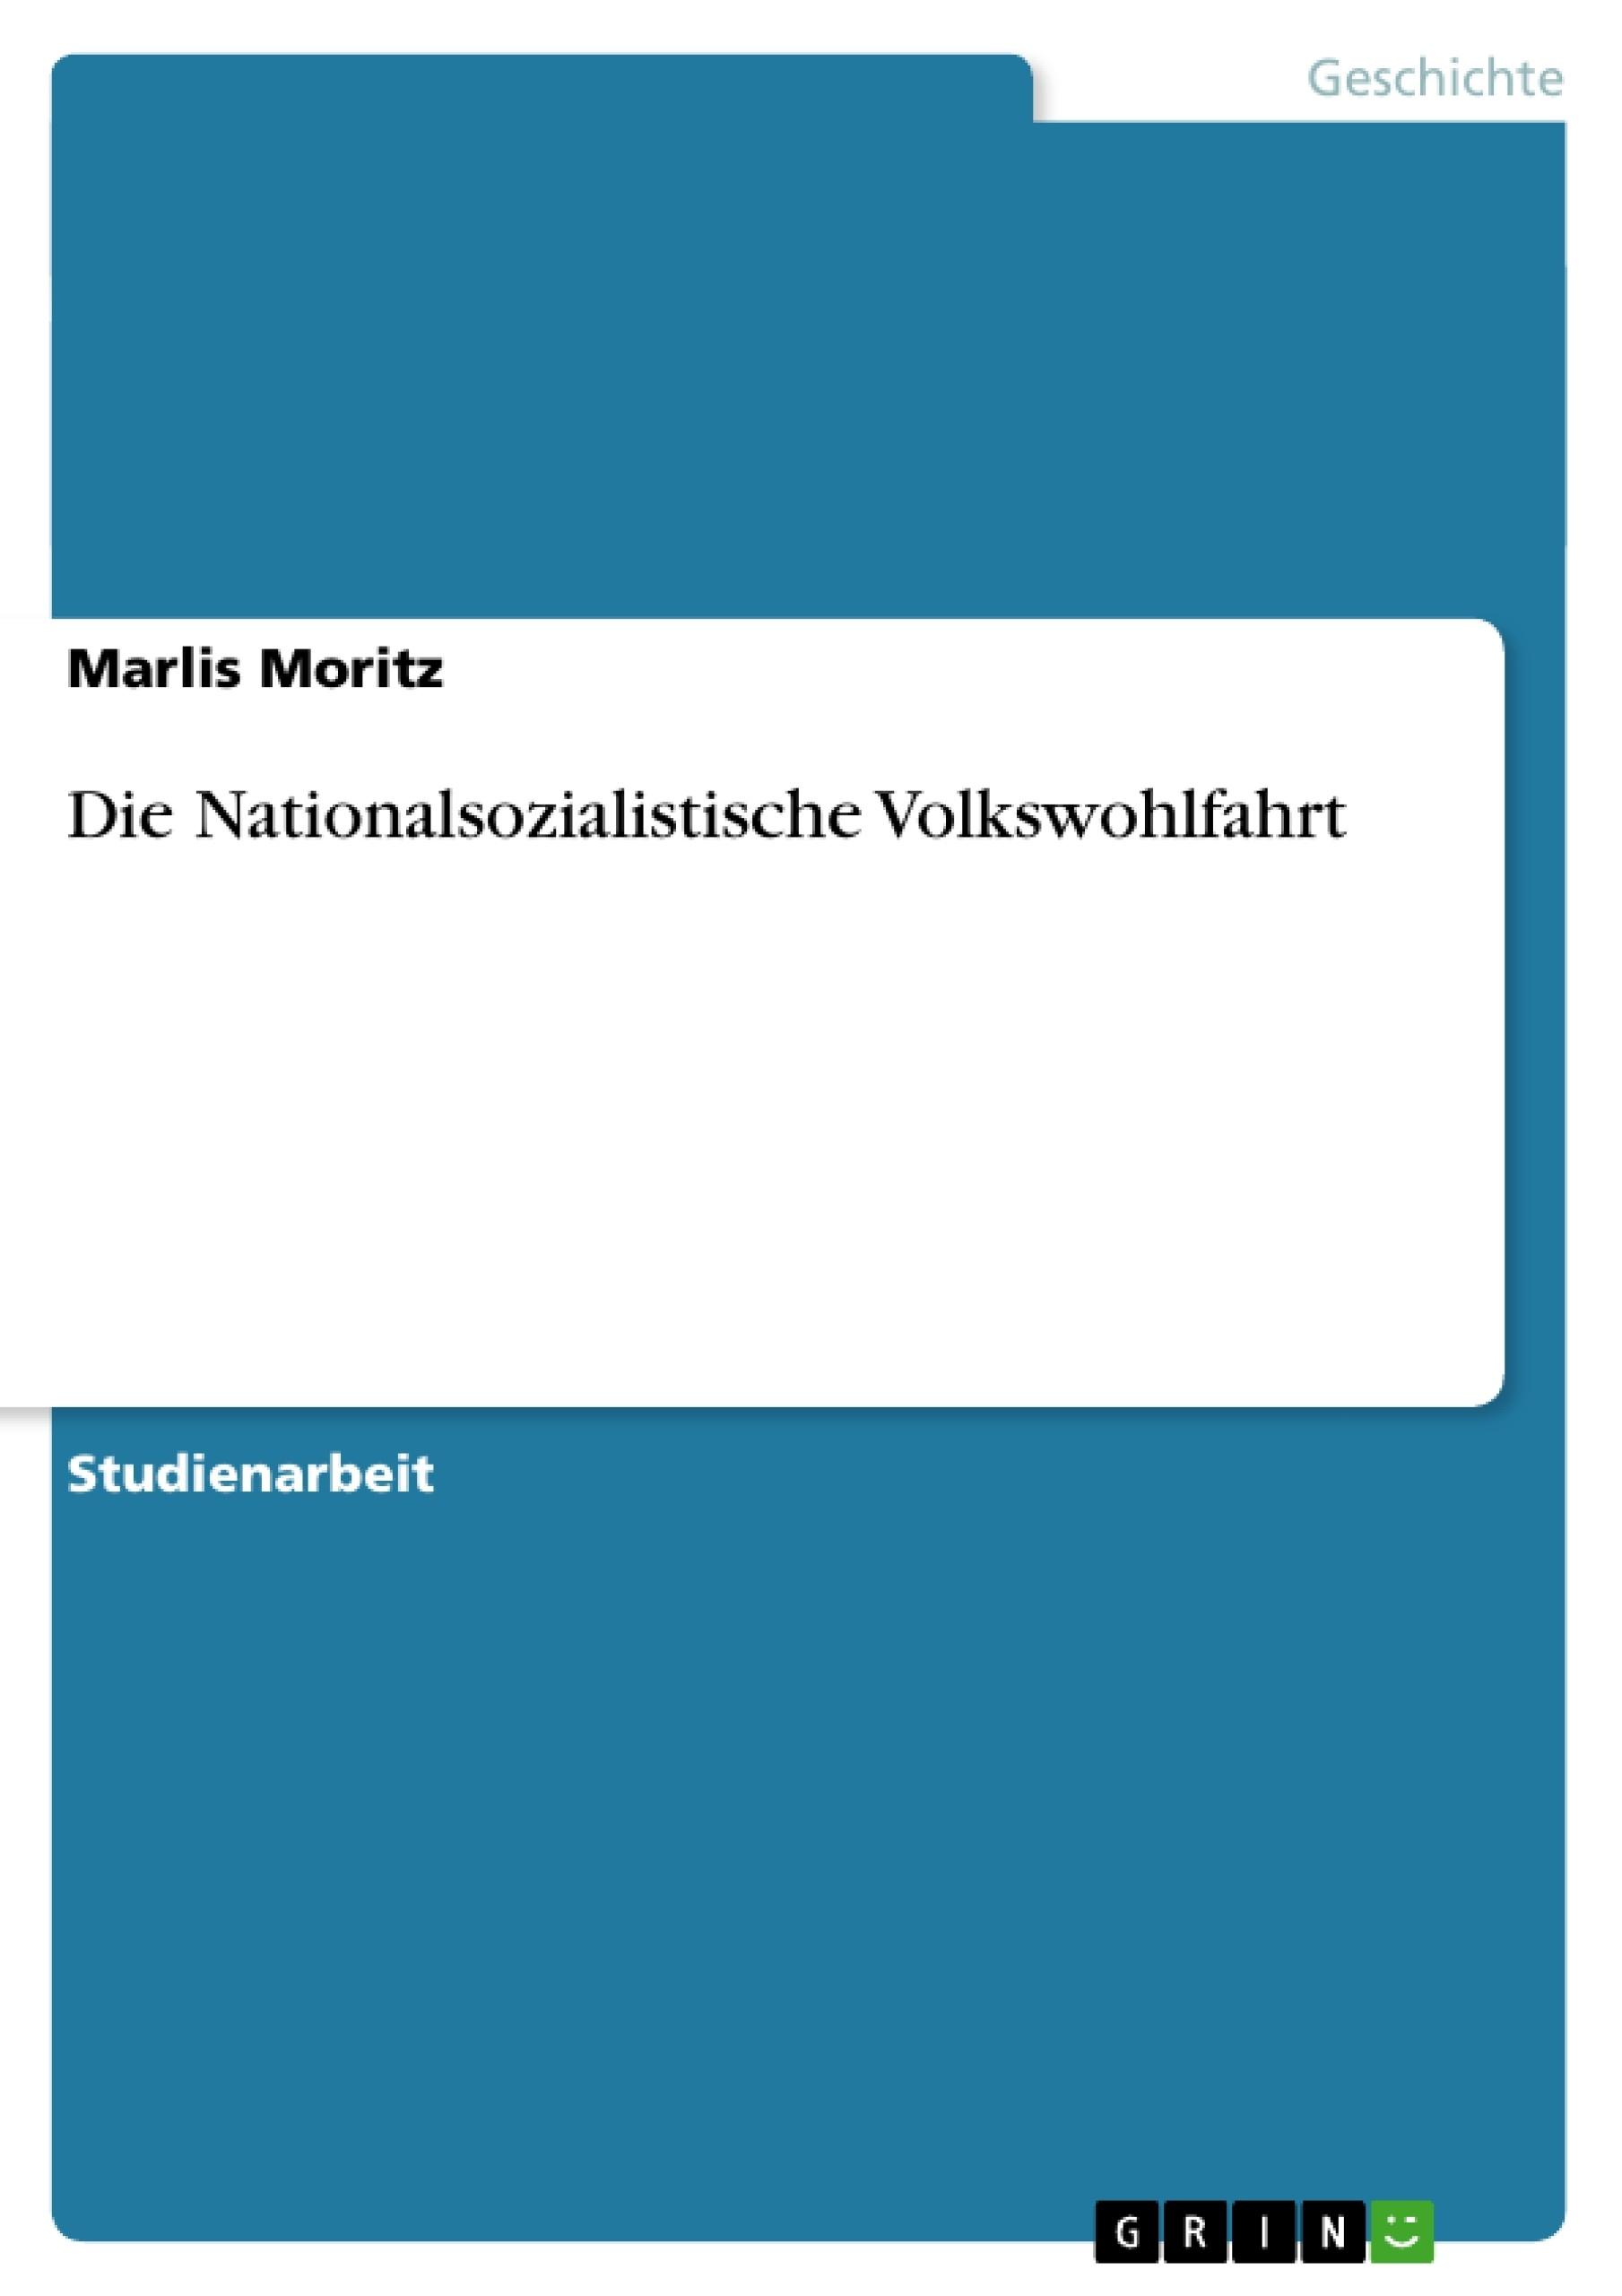 Titel: Die Nationalsozialistische Volkswohlfahrt